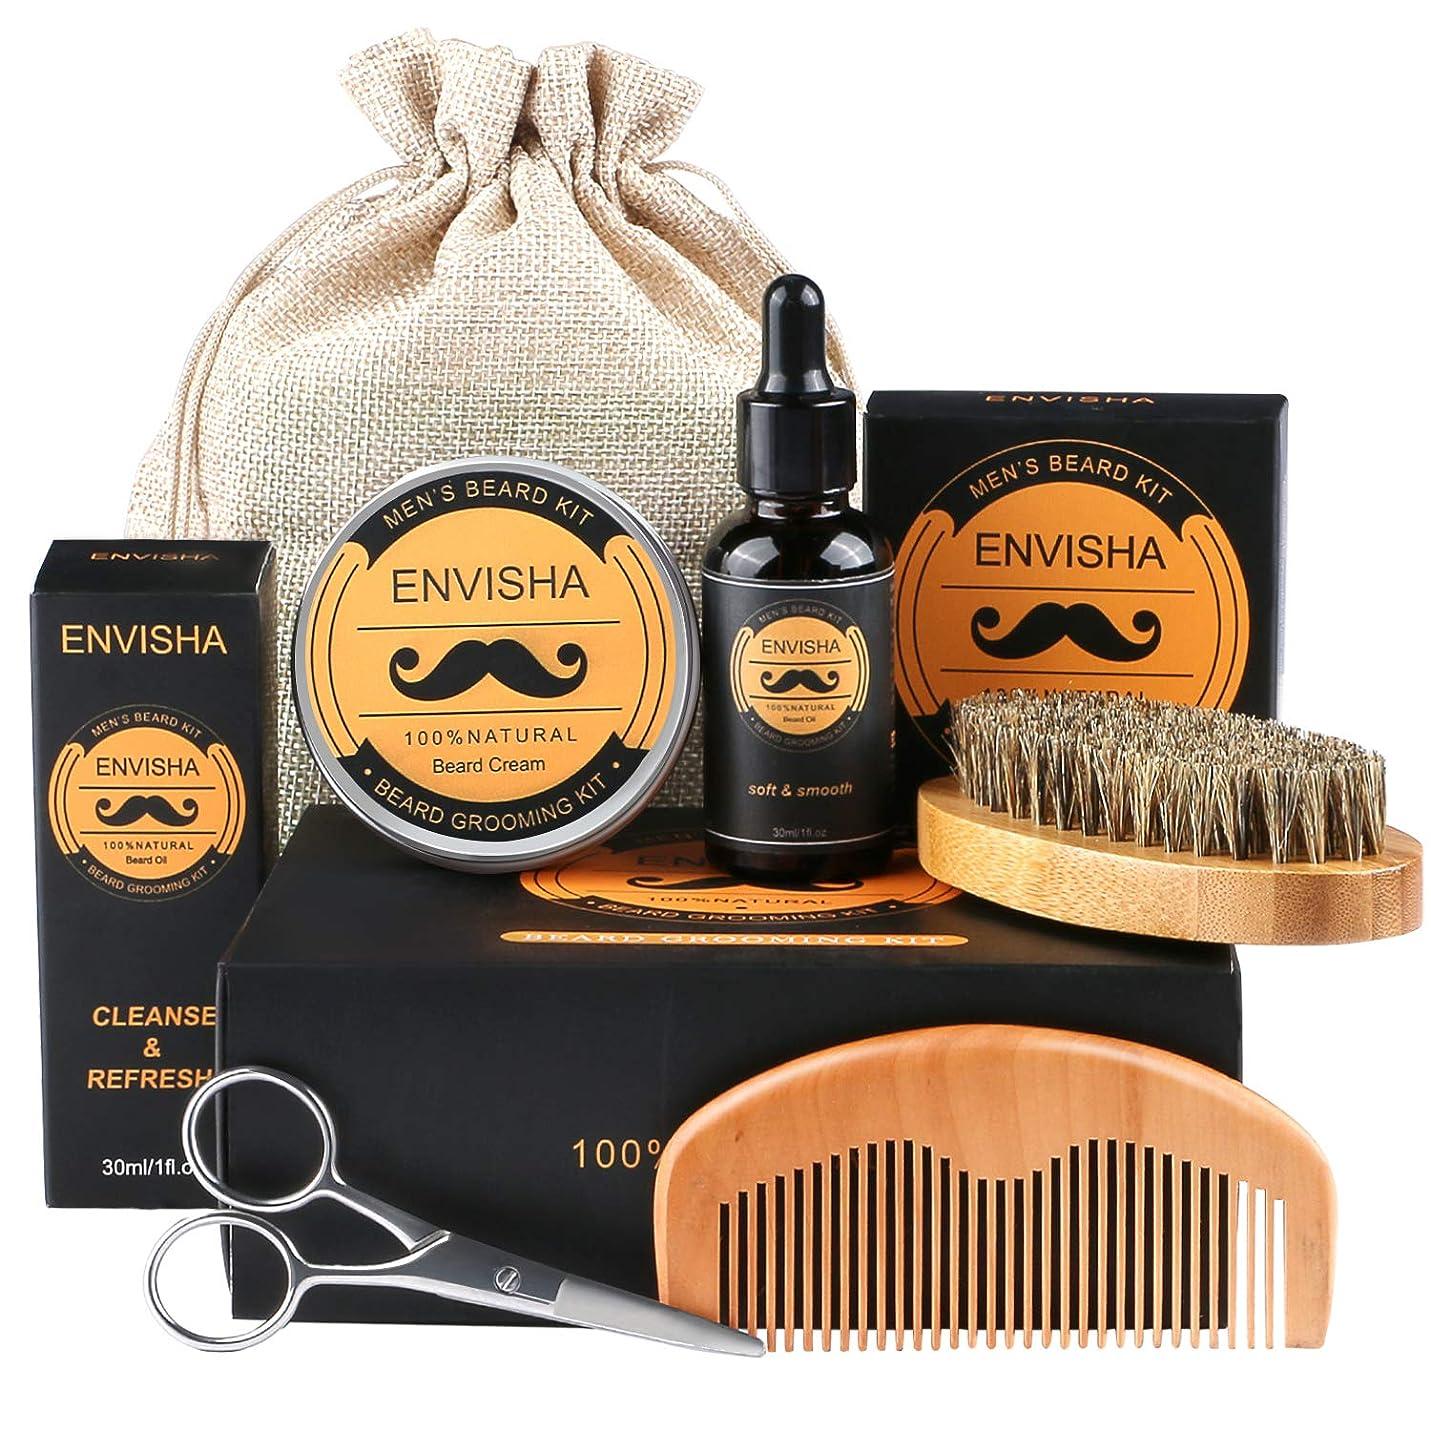 松感嘆セミナーBeard Kit、Fixget Beard Care Kit(無料のひげの手入れとトリミングキット付き)100%のイノシシのひげのブラシ、木のひげの櫛、ひげ、男性のための口ひげのはさみお父さん夫